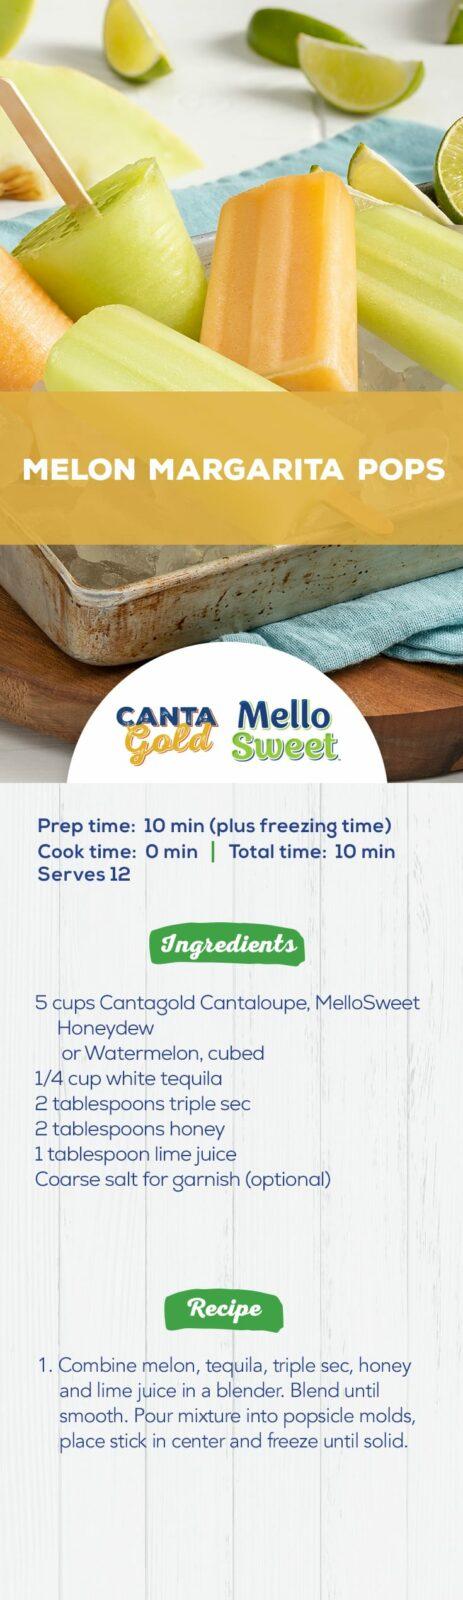 CantaGoldMellow_PinterestPinPinterest_Melon Margarita Pops